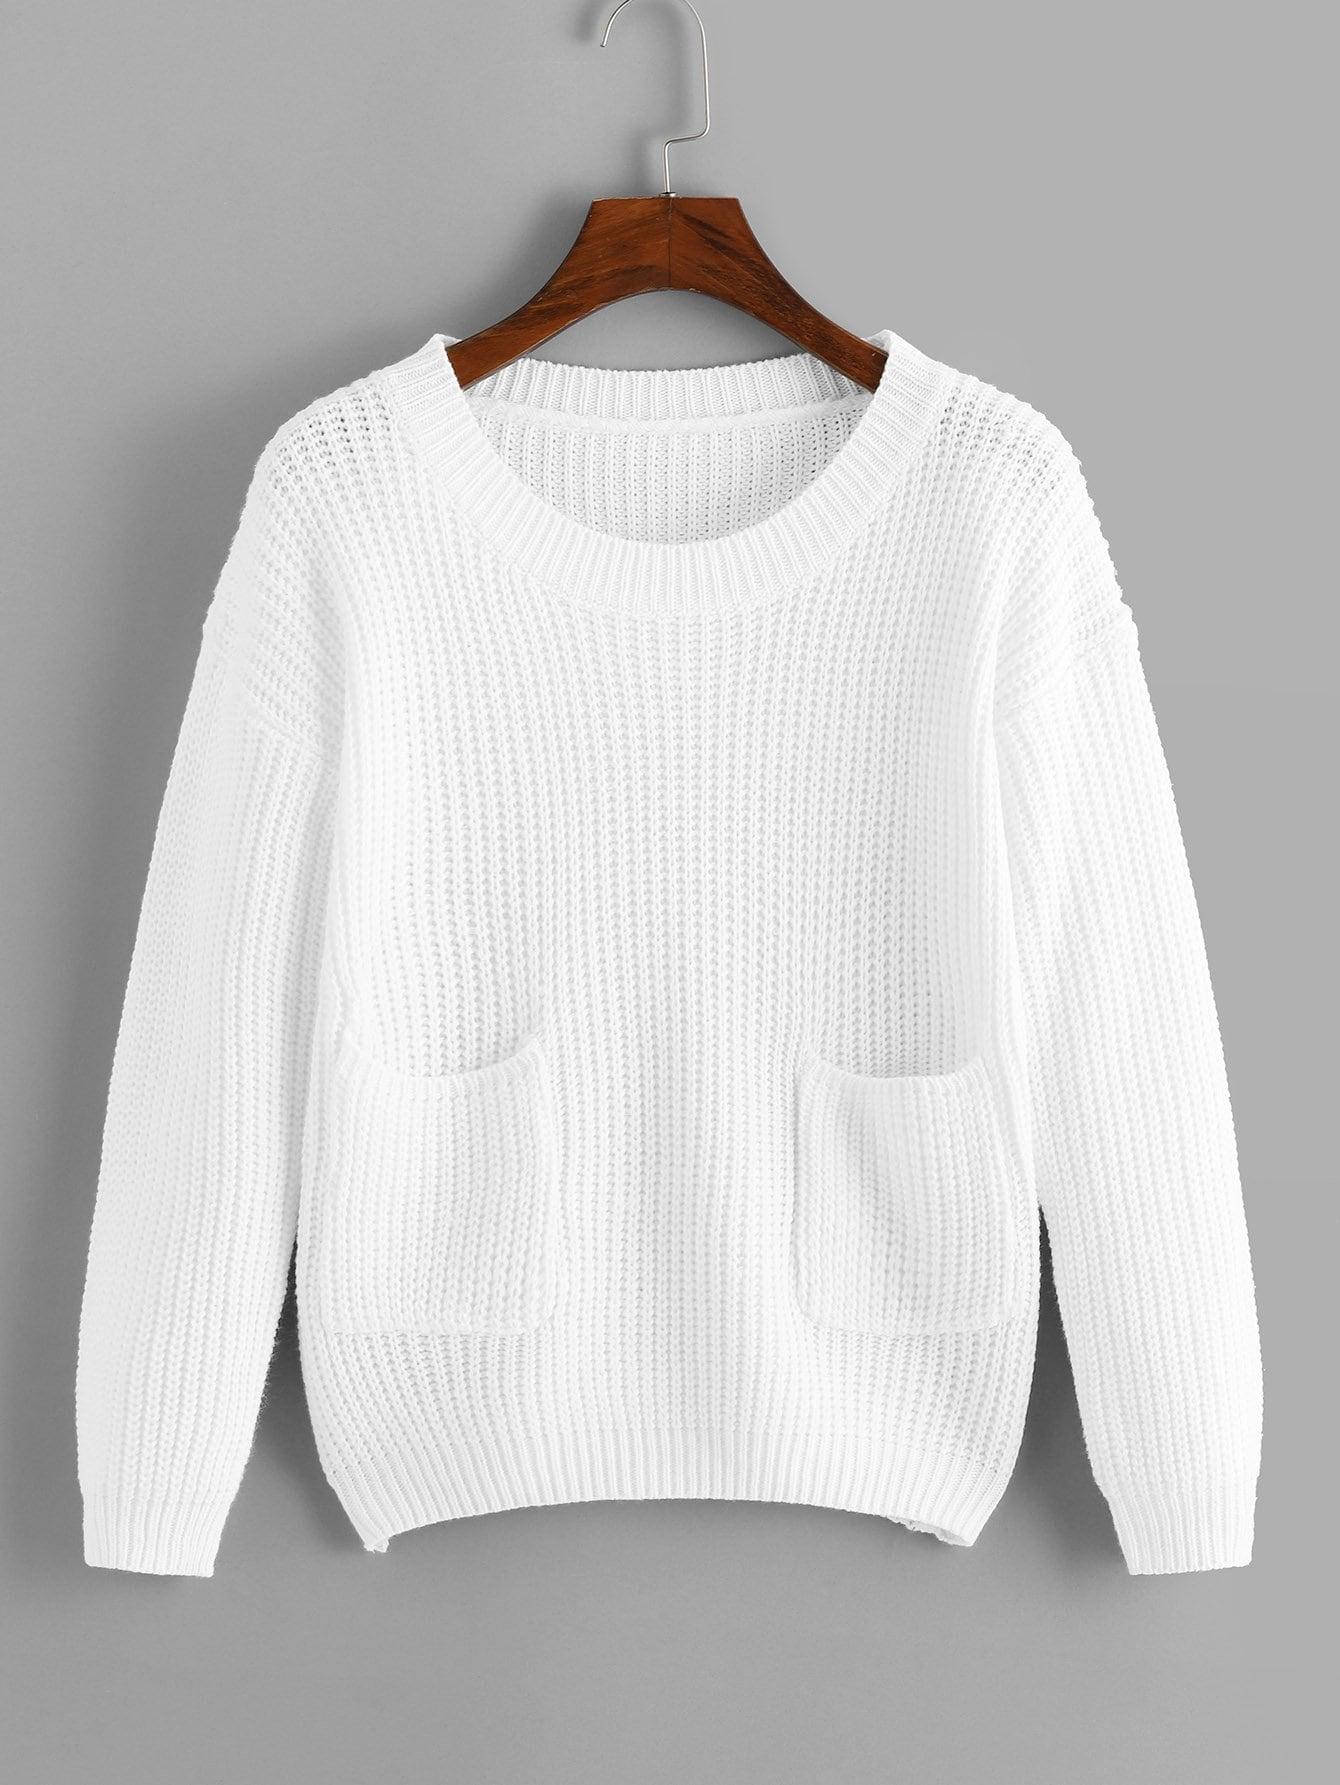 Фото - Одноцветный свитер с карманами от SheIn белого цвета